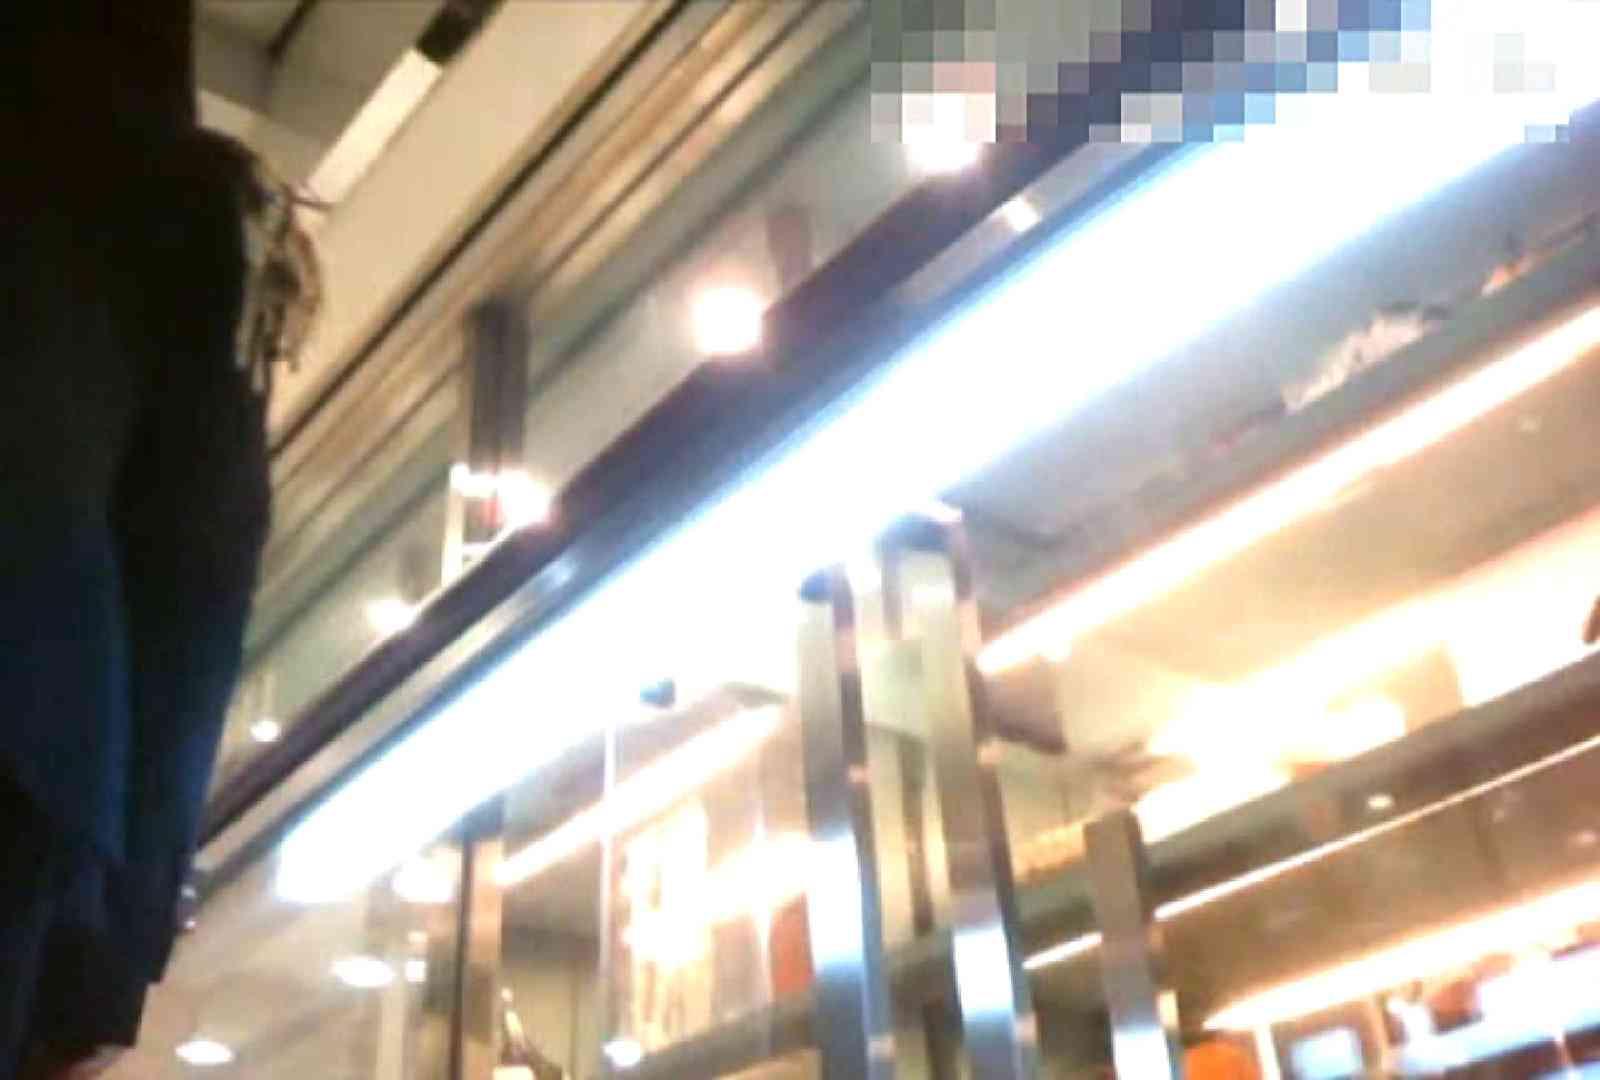 「チキン男」さんの制服ウォッチングVol.1 制服   すけべなOL  100画像 65